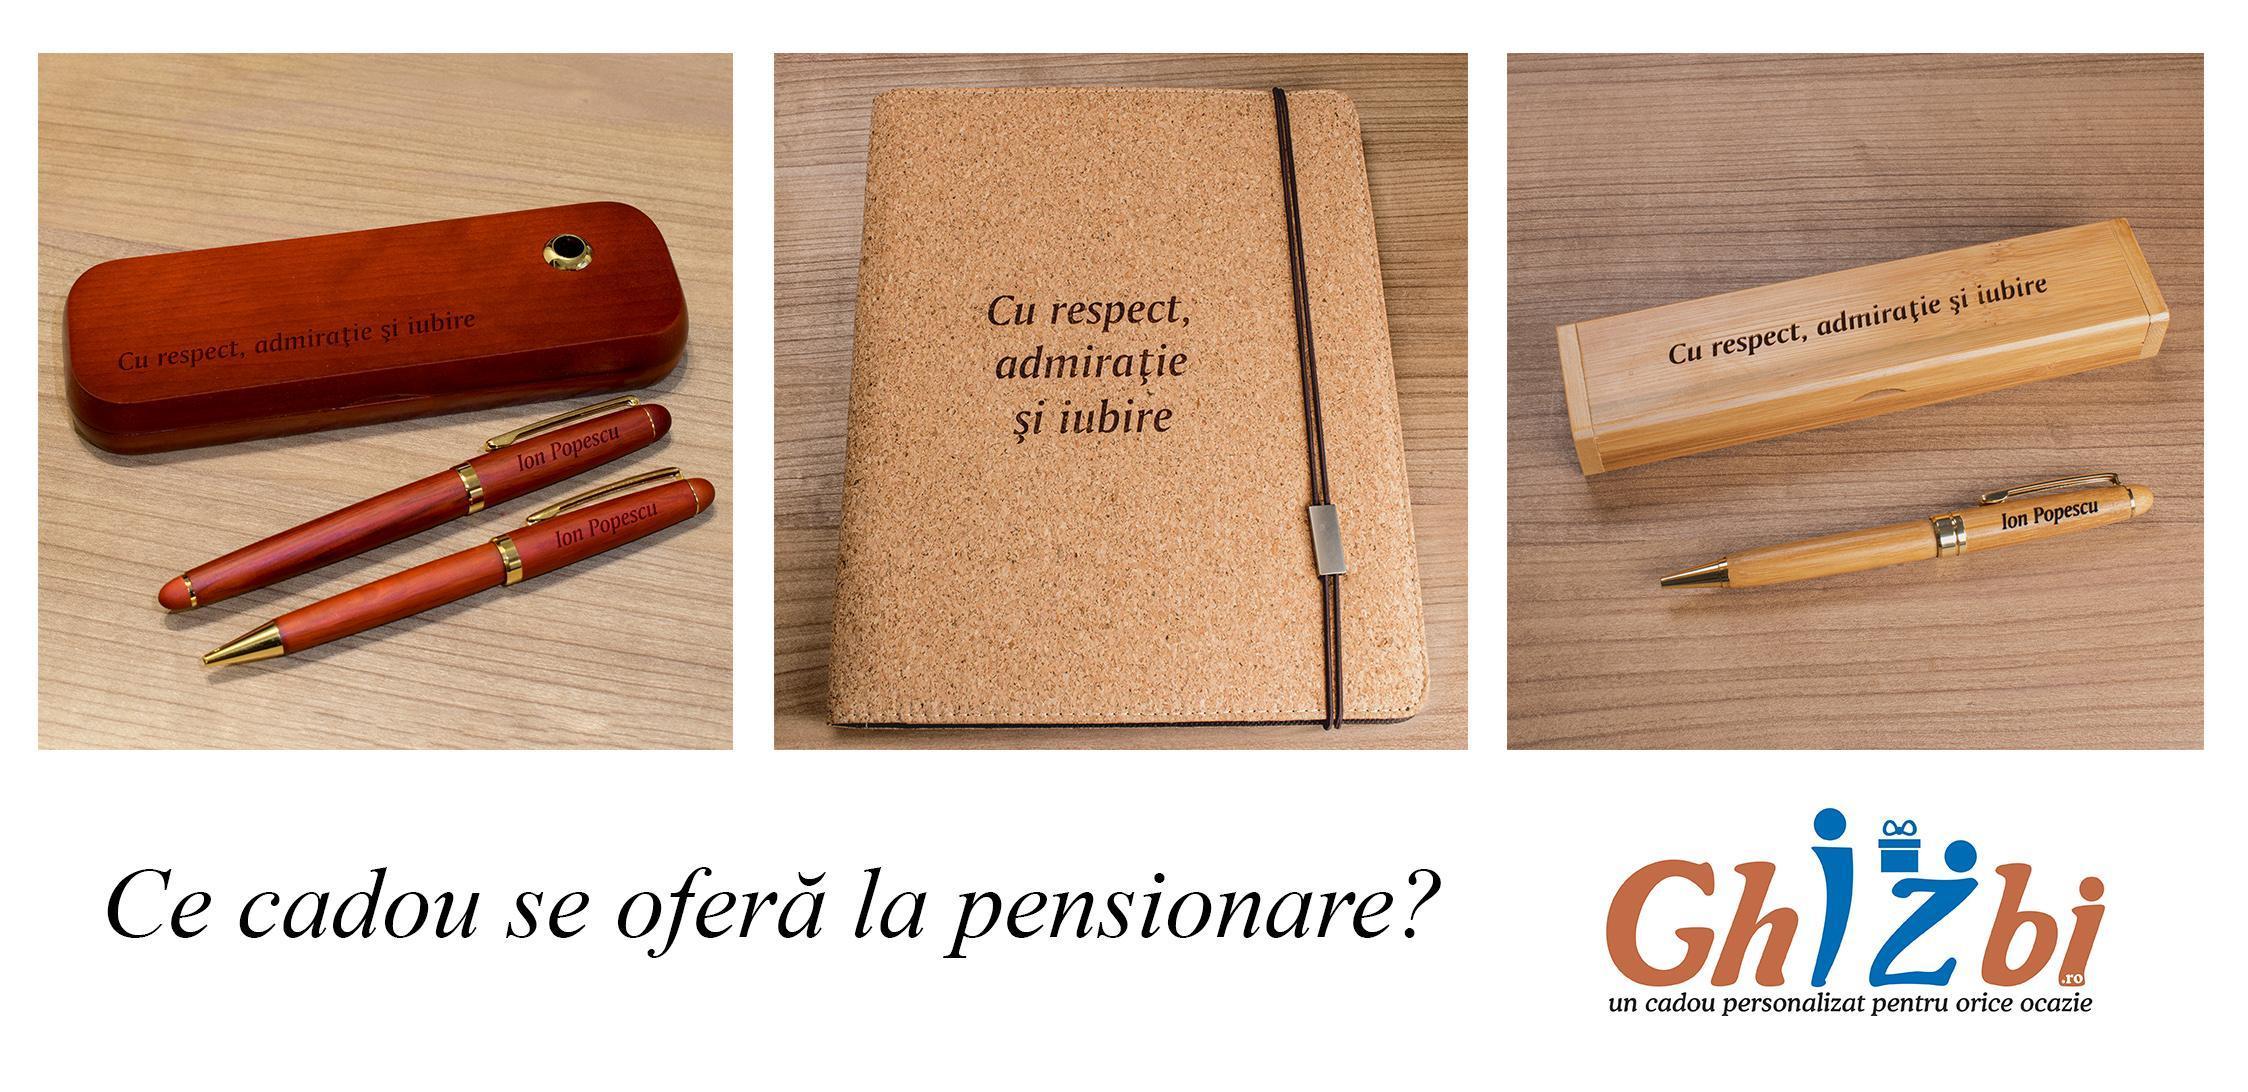 Ce cadou se oferă la pensionare?